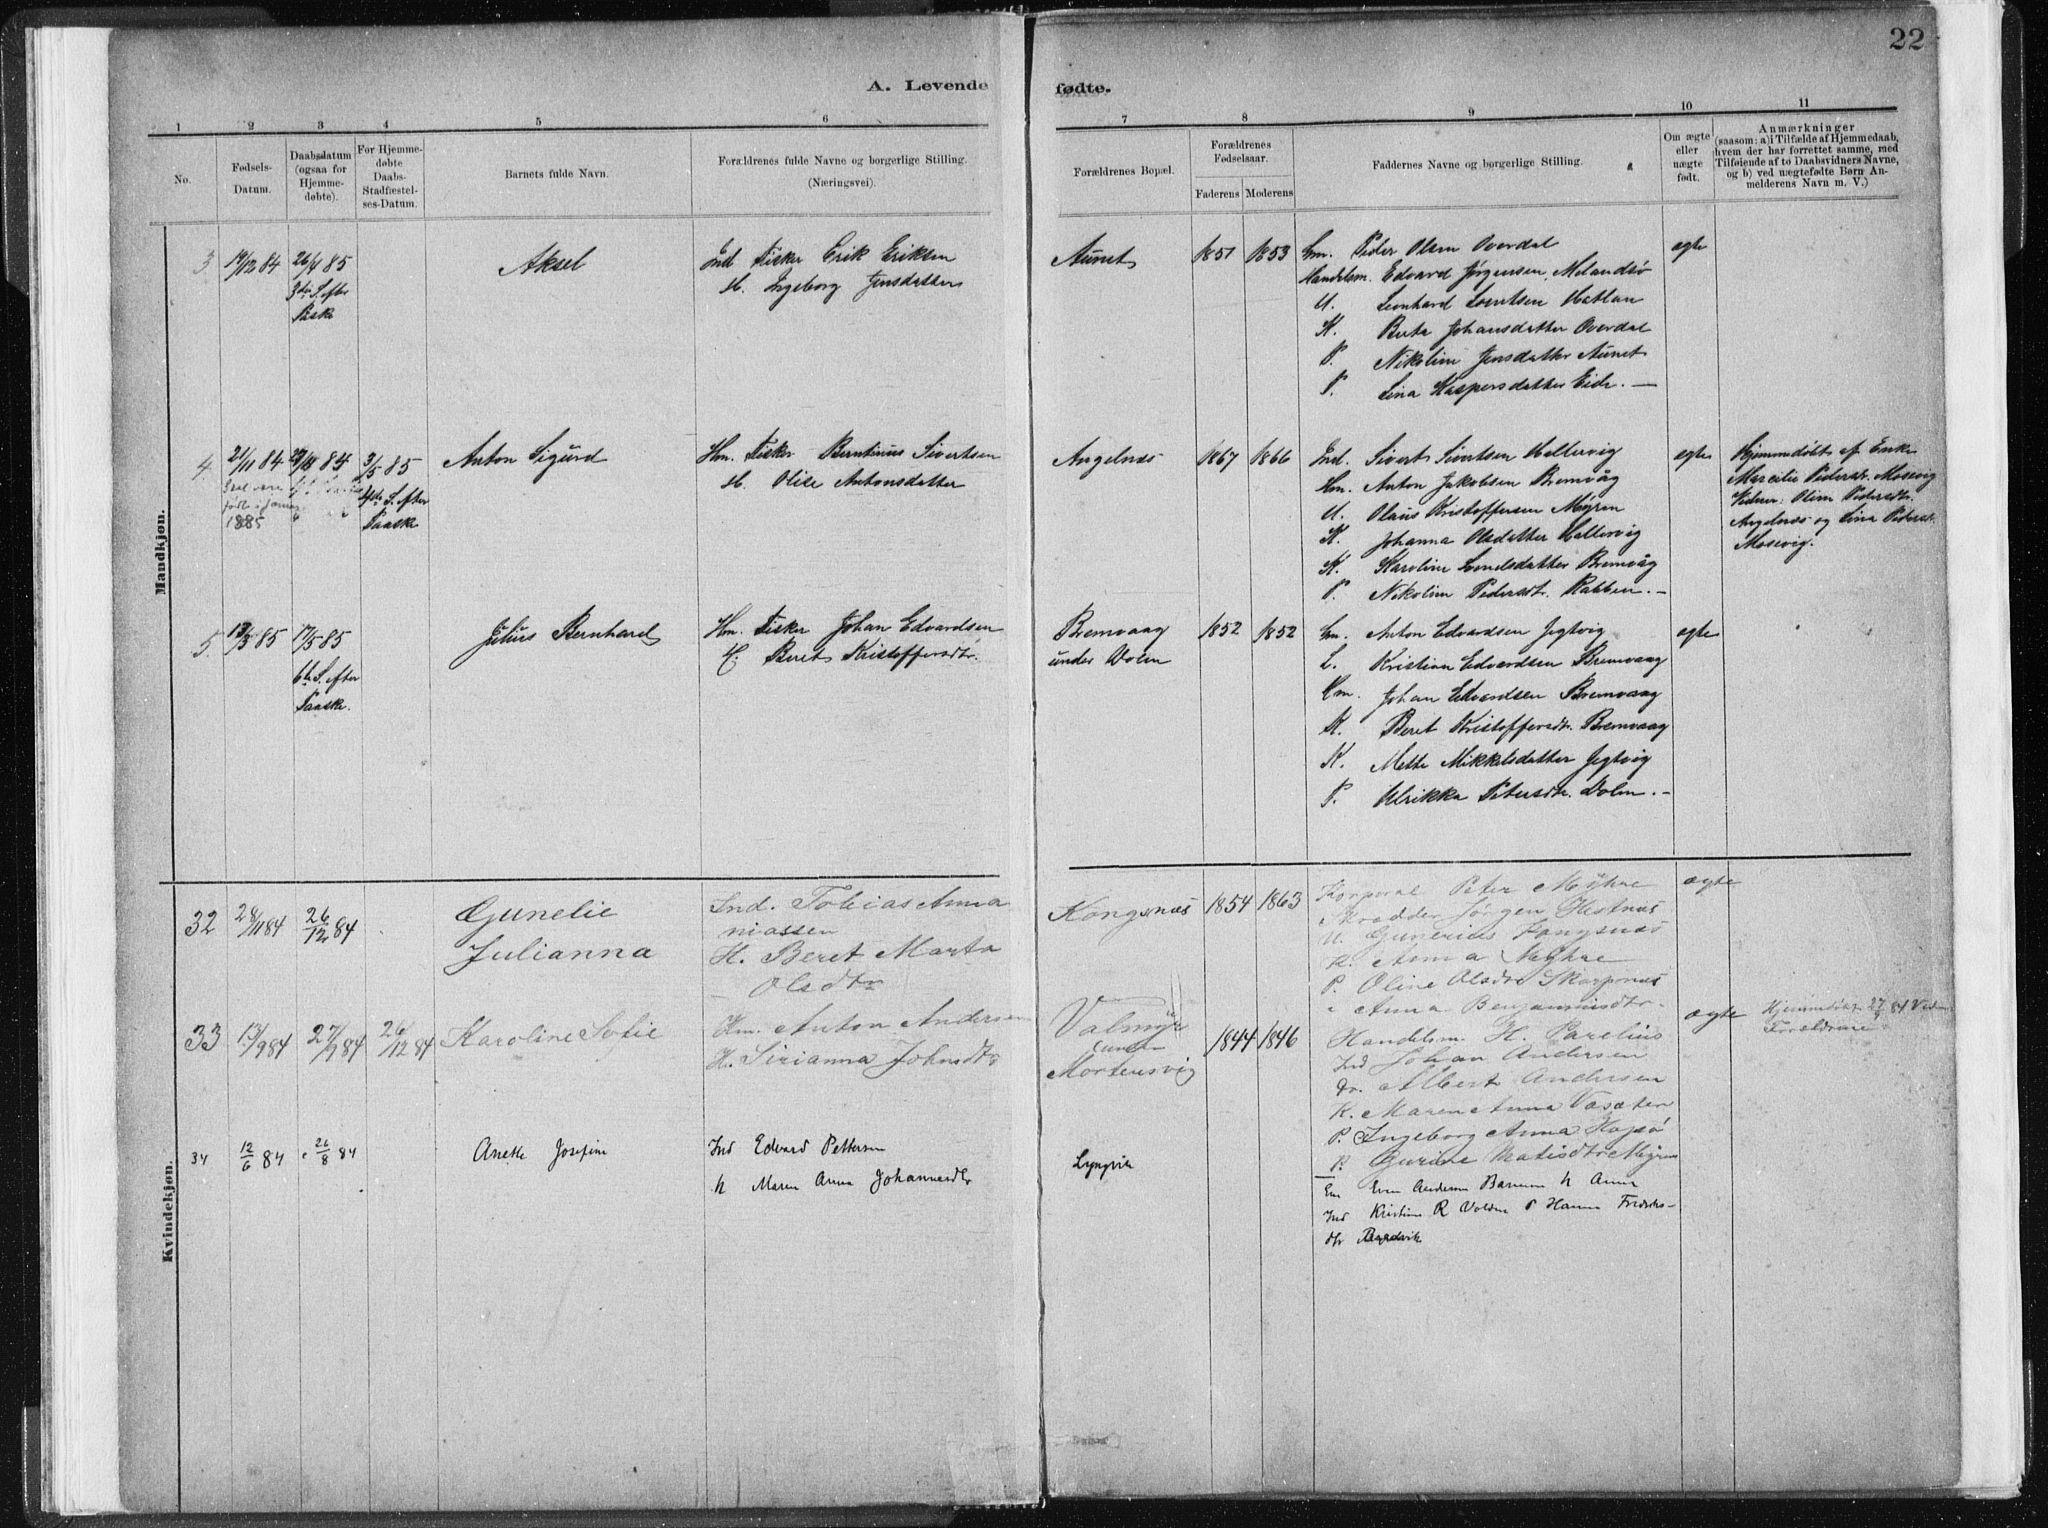 SAT, Ministerialprotokoller, klokkerbøker og fødselsregistre - Sør-Trøndelag, 634/L0533: Ministerialbok nr. 634A09, 1882-1901, s. 22